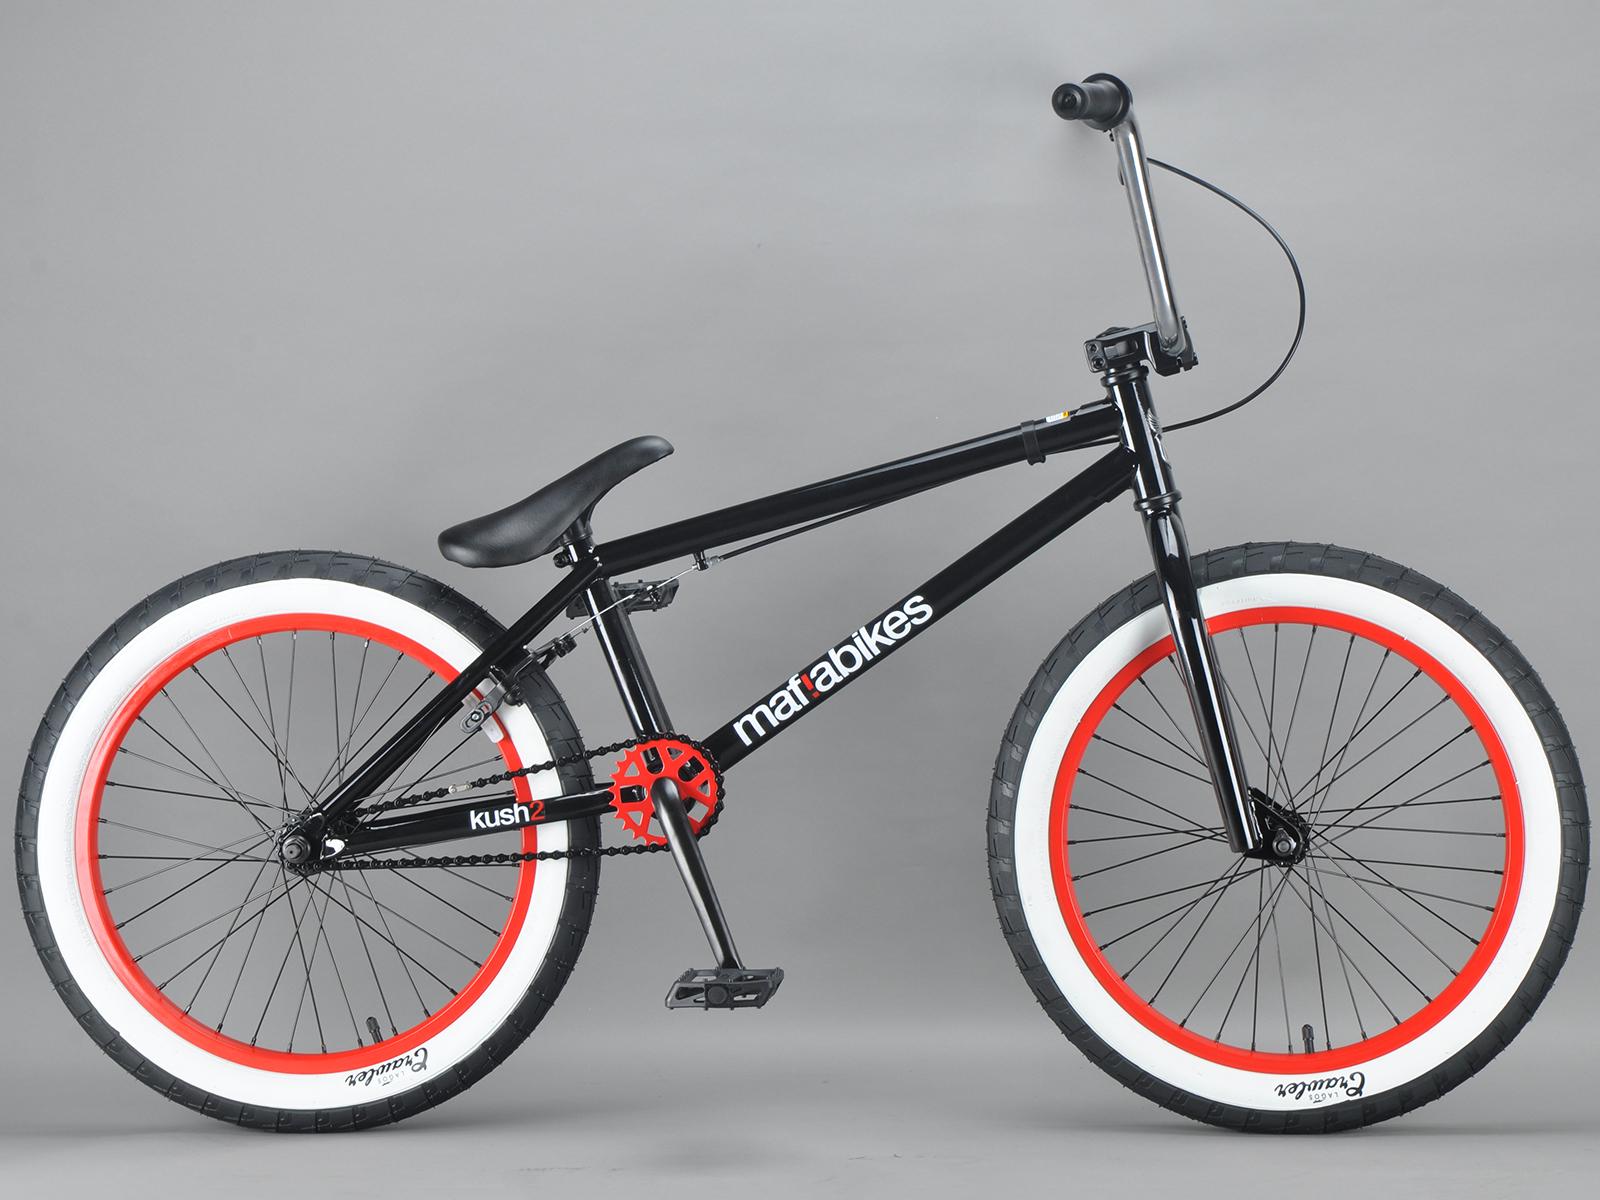 Mafia Bikes Kush Compete Bmx Bike Sugar Cayne